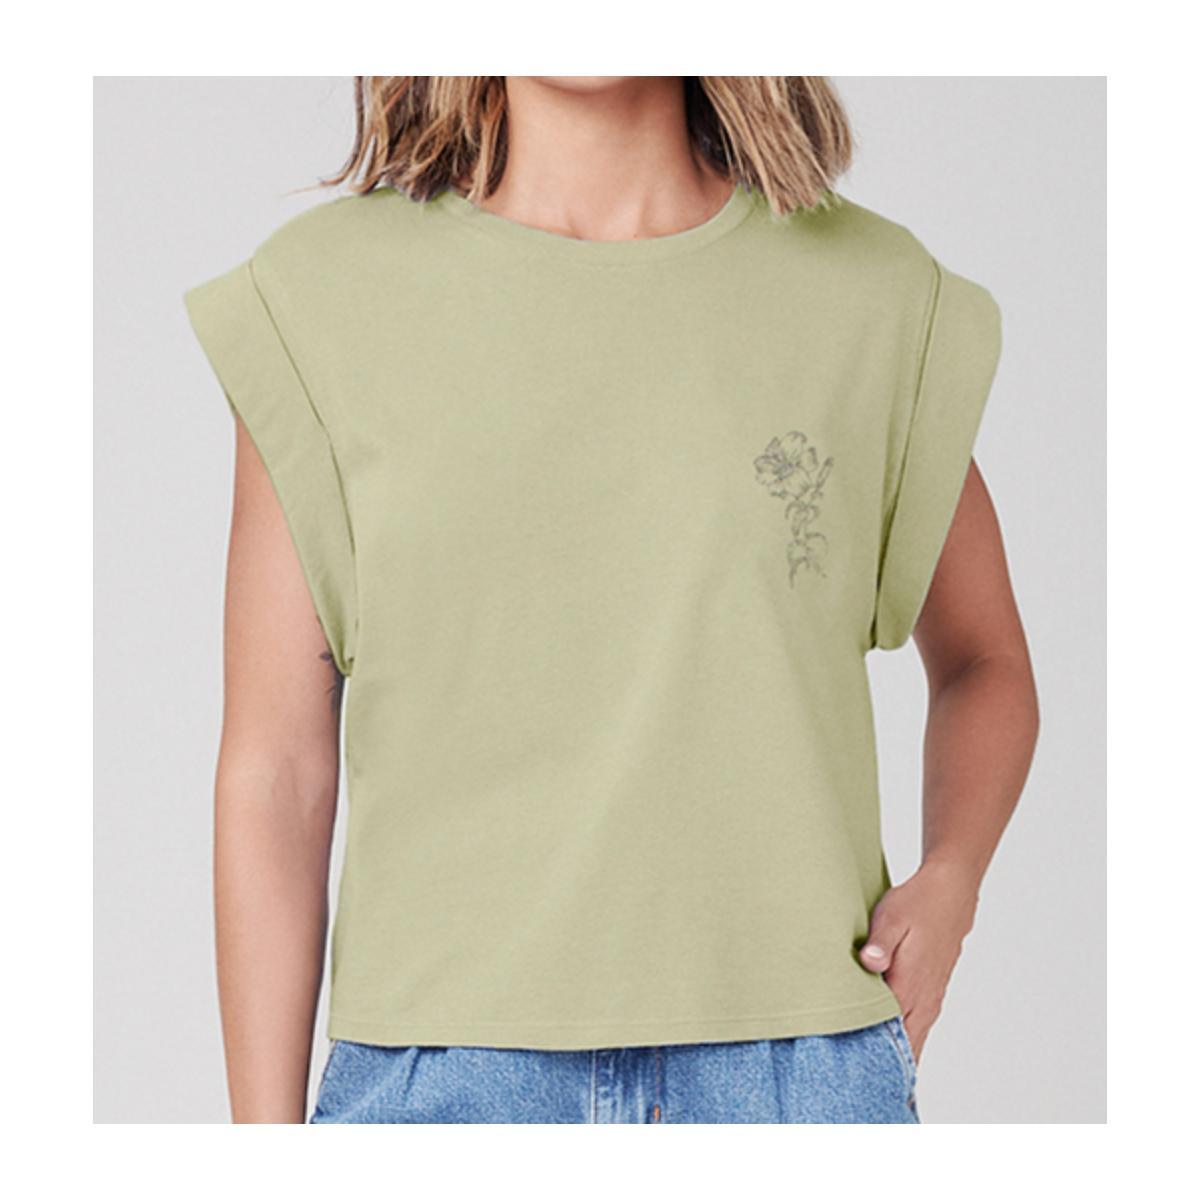 Camiseta Feminina Dzarm 6rte Wg6en Verde